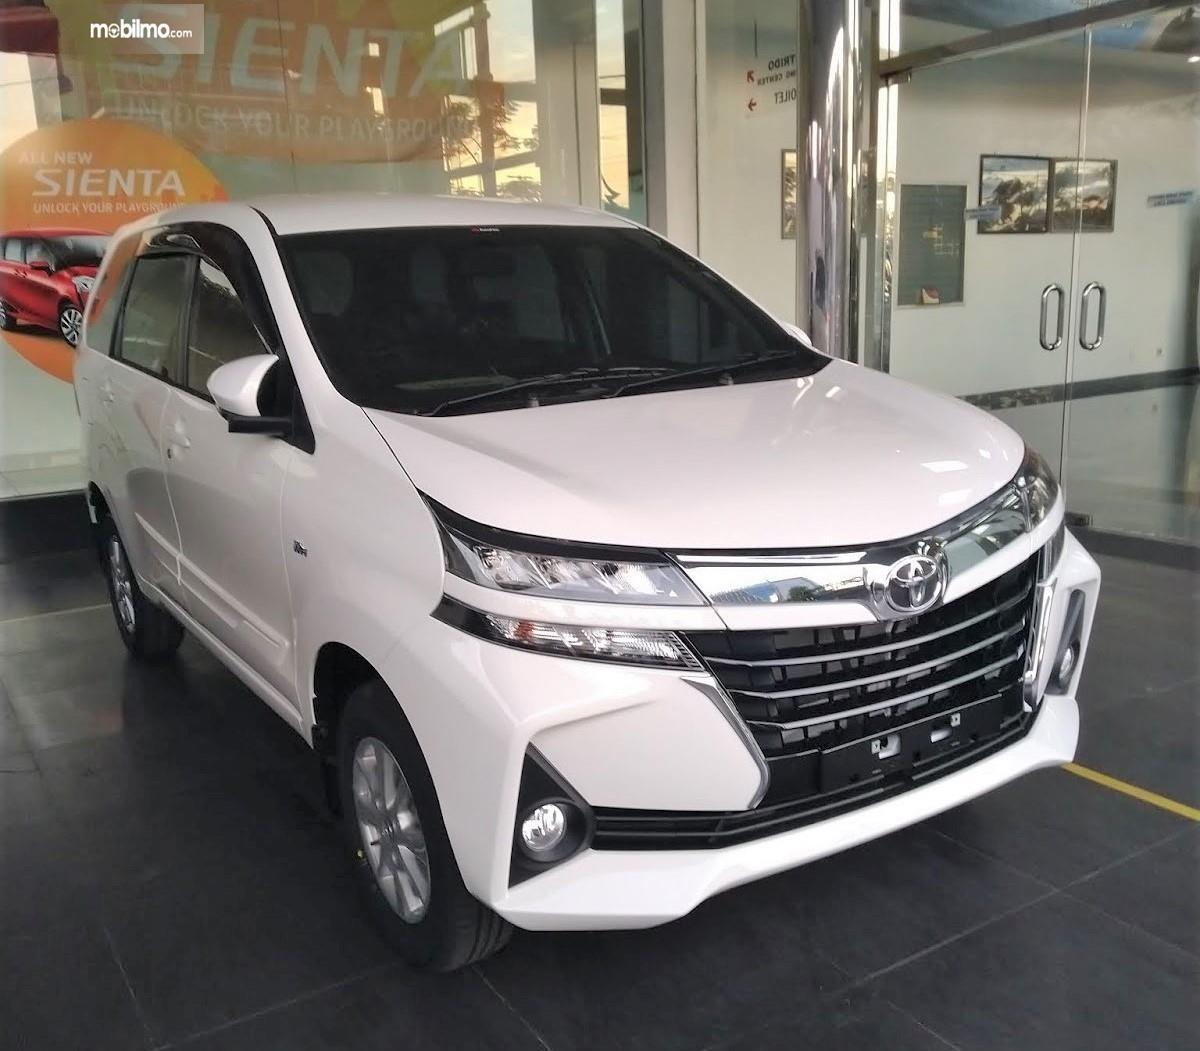 Foto Toyota Avanza 2019 warna putih tampak dari depan terlihat elegan